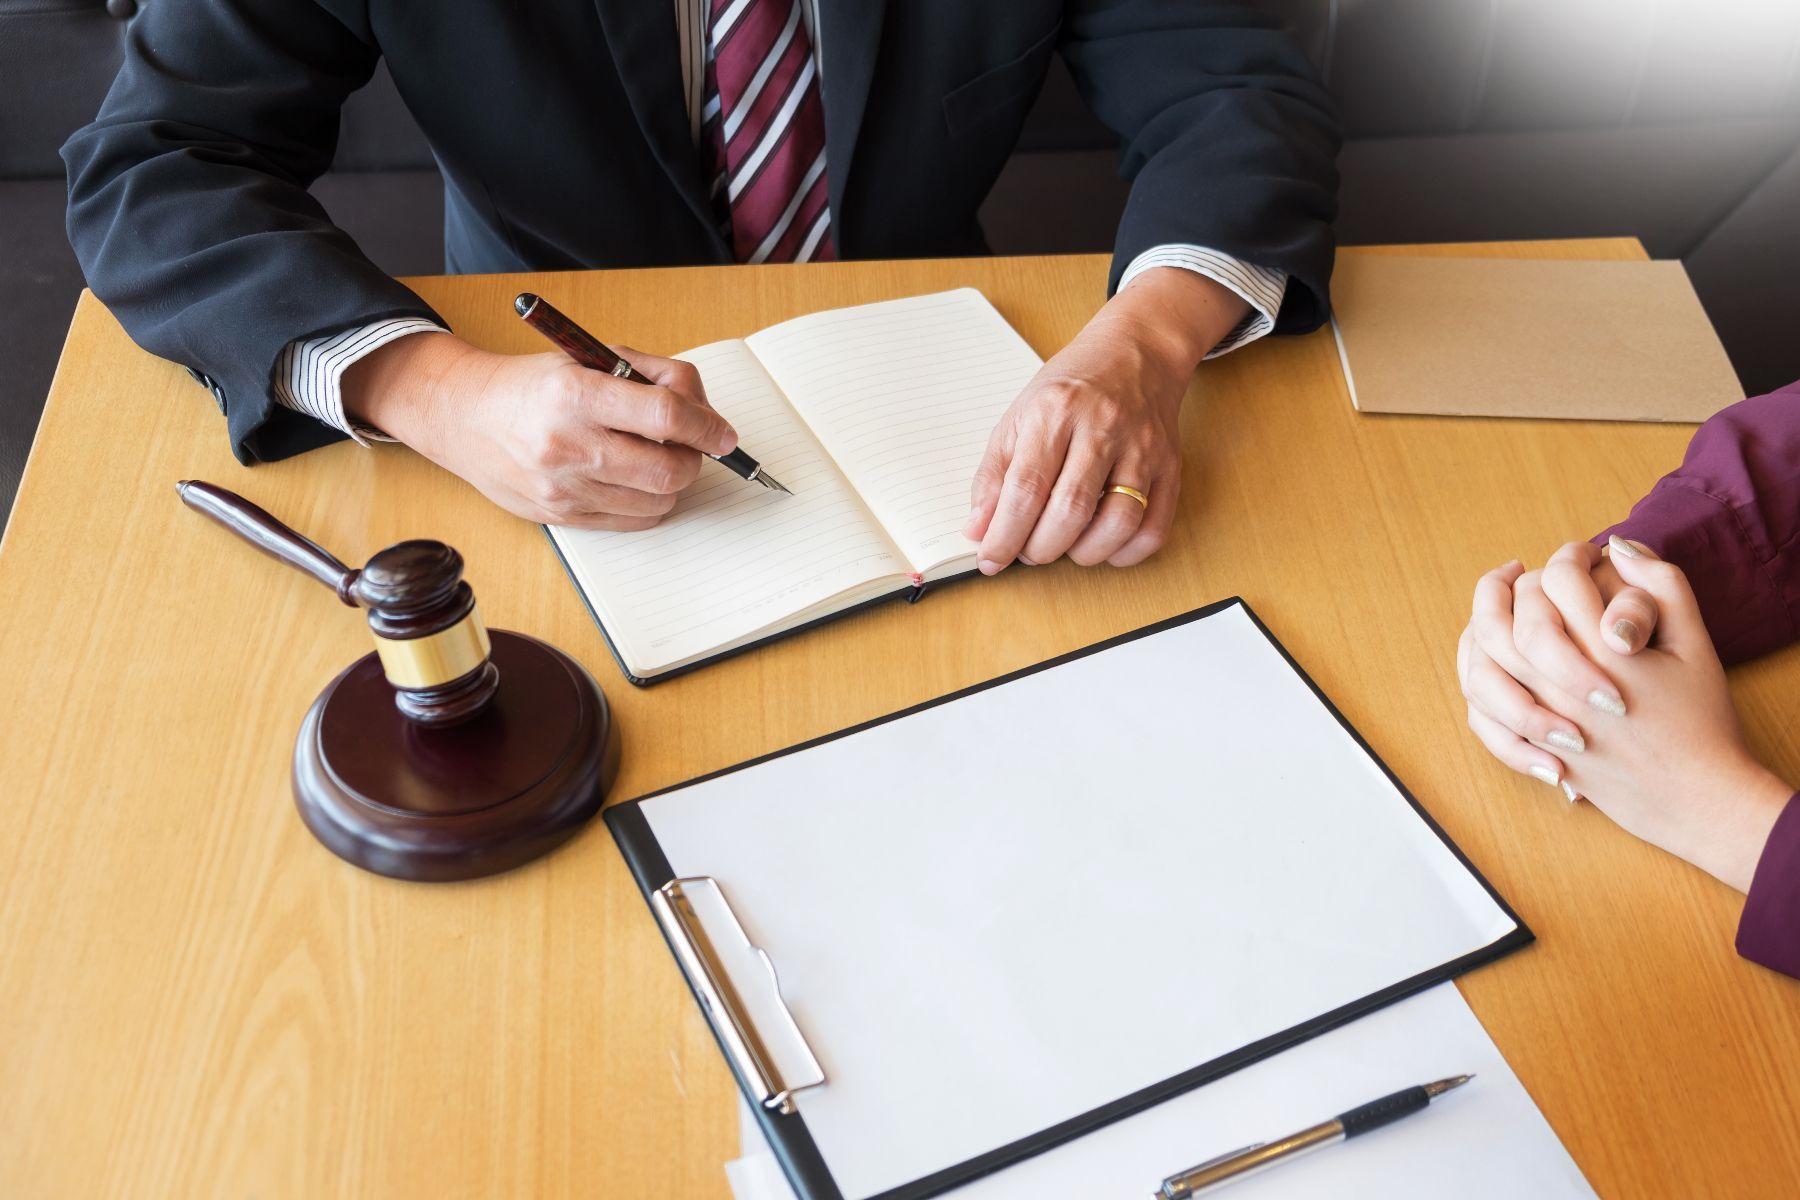 Dos personas firmando documentos y un mazo